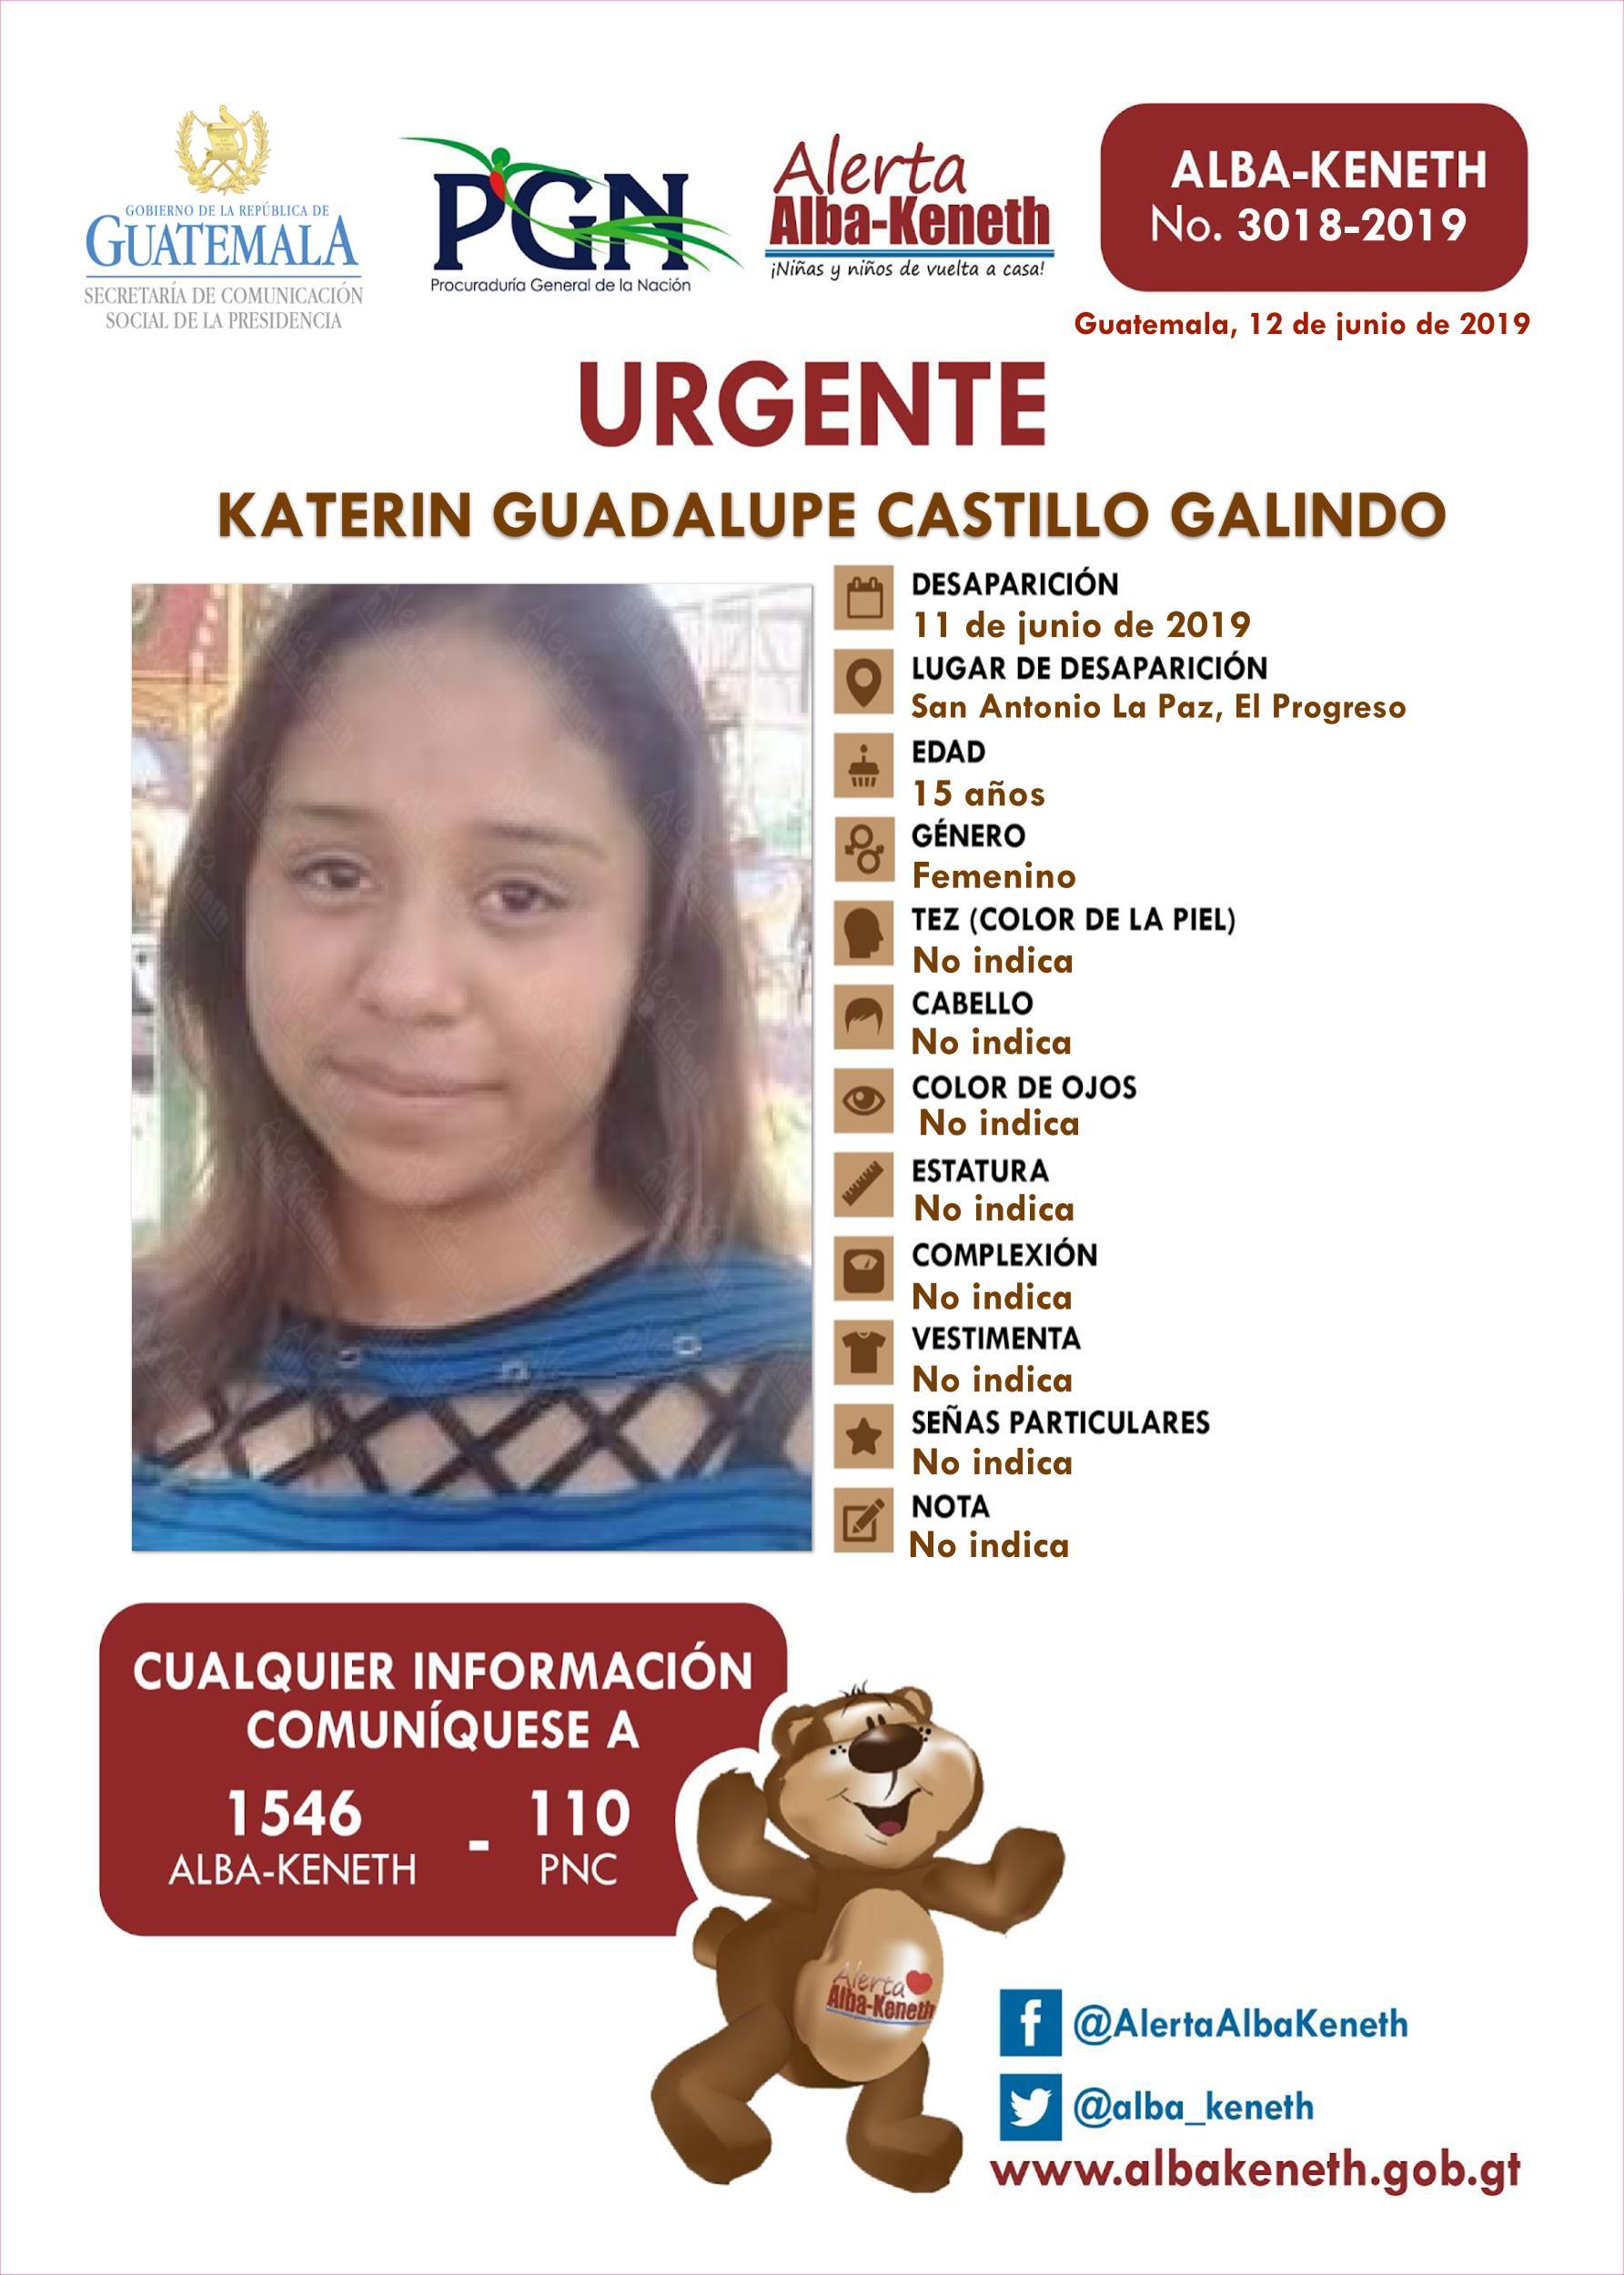 Katerin Guadalupe Castillo Galindo